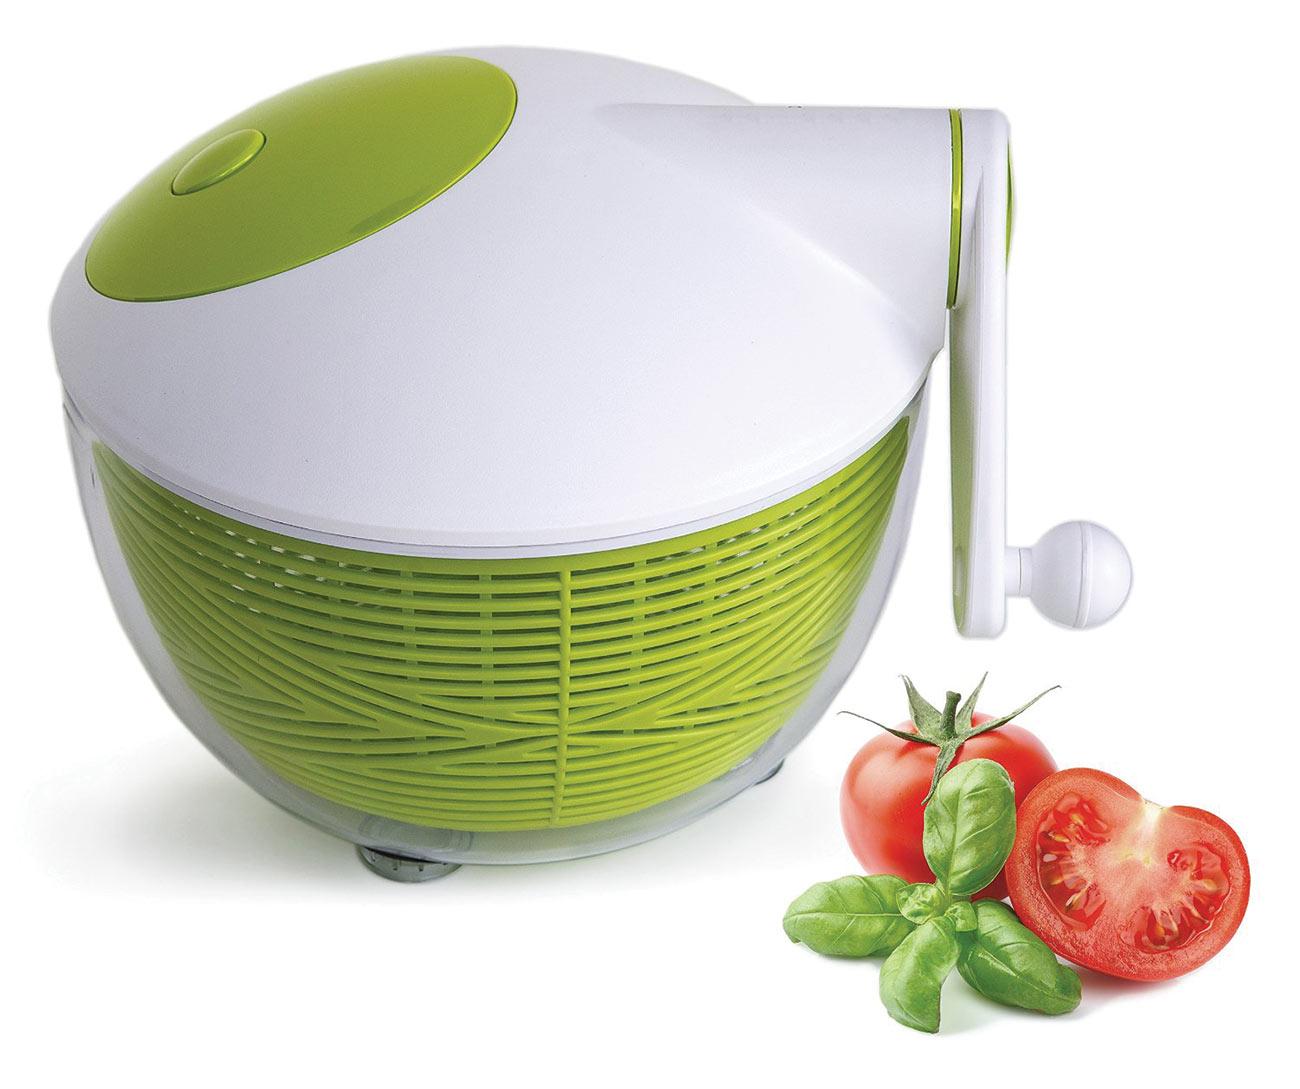 Starfrit 5-Quart Salad Spinner- Green-White